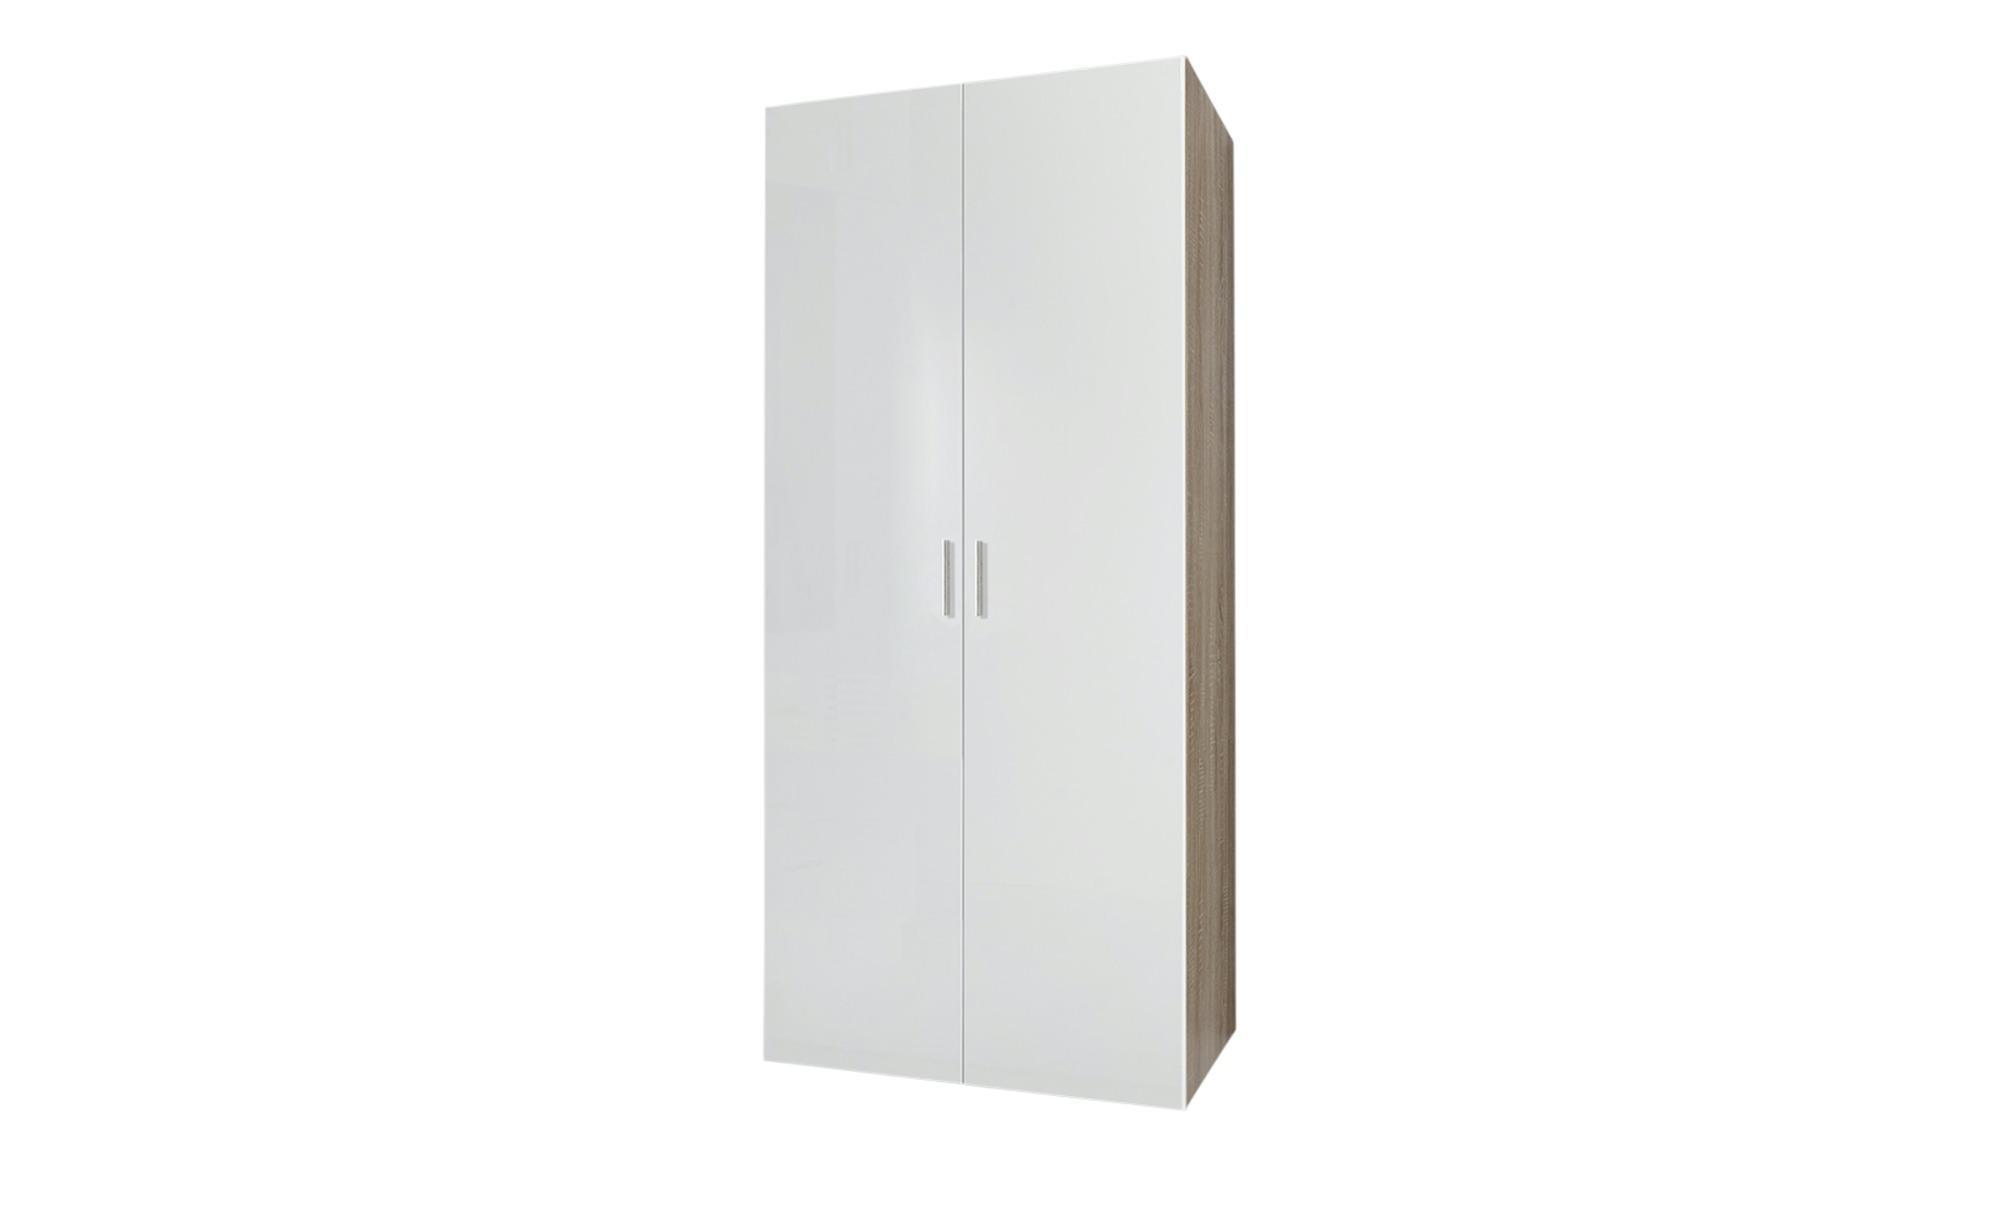 Kleiderschrank Malta - creme - 80 cm - 185 cm - 54 cm - Sconto